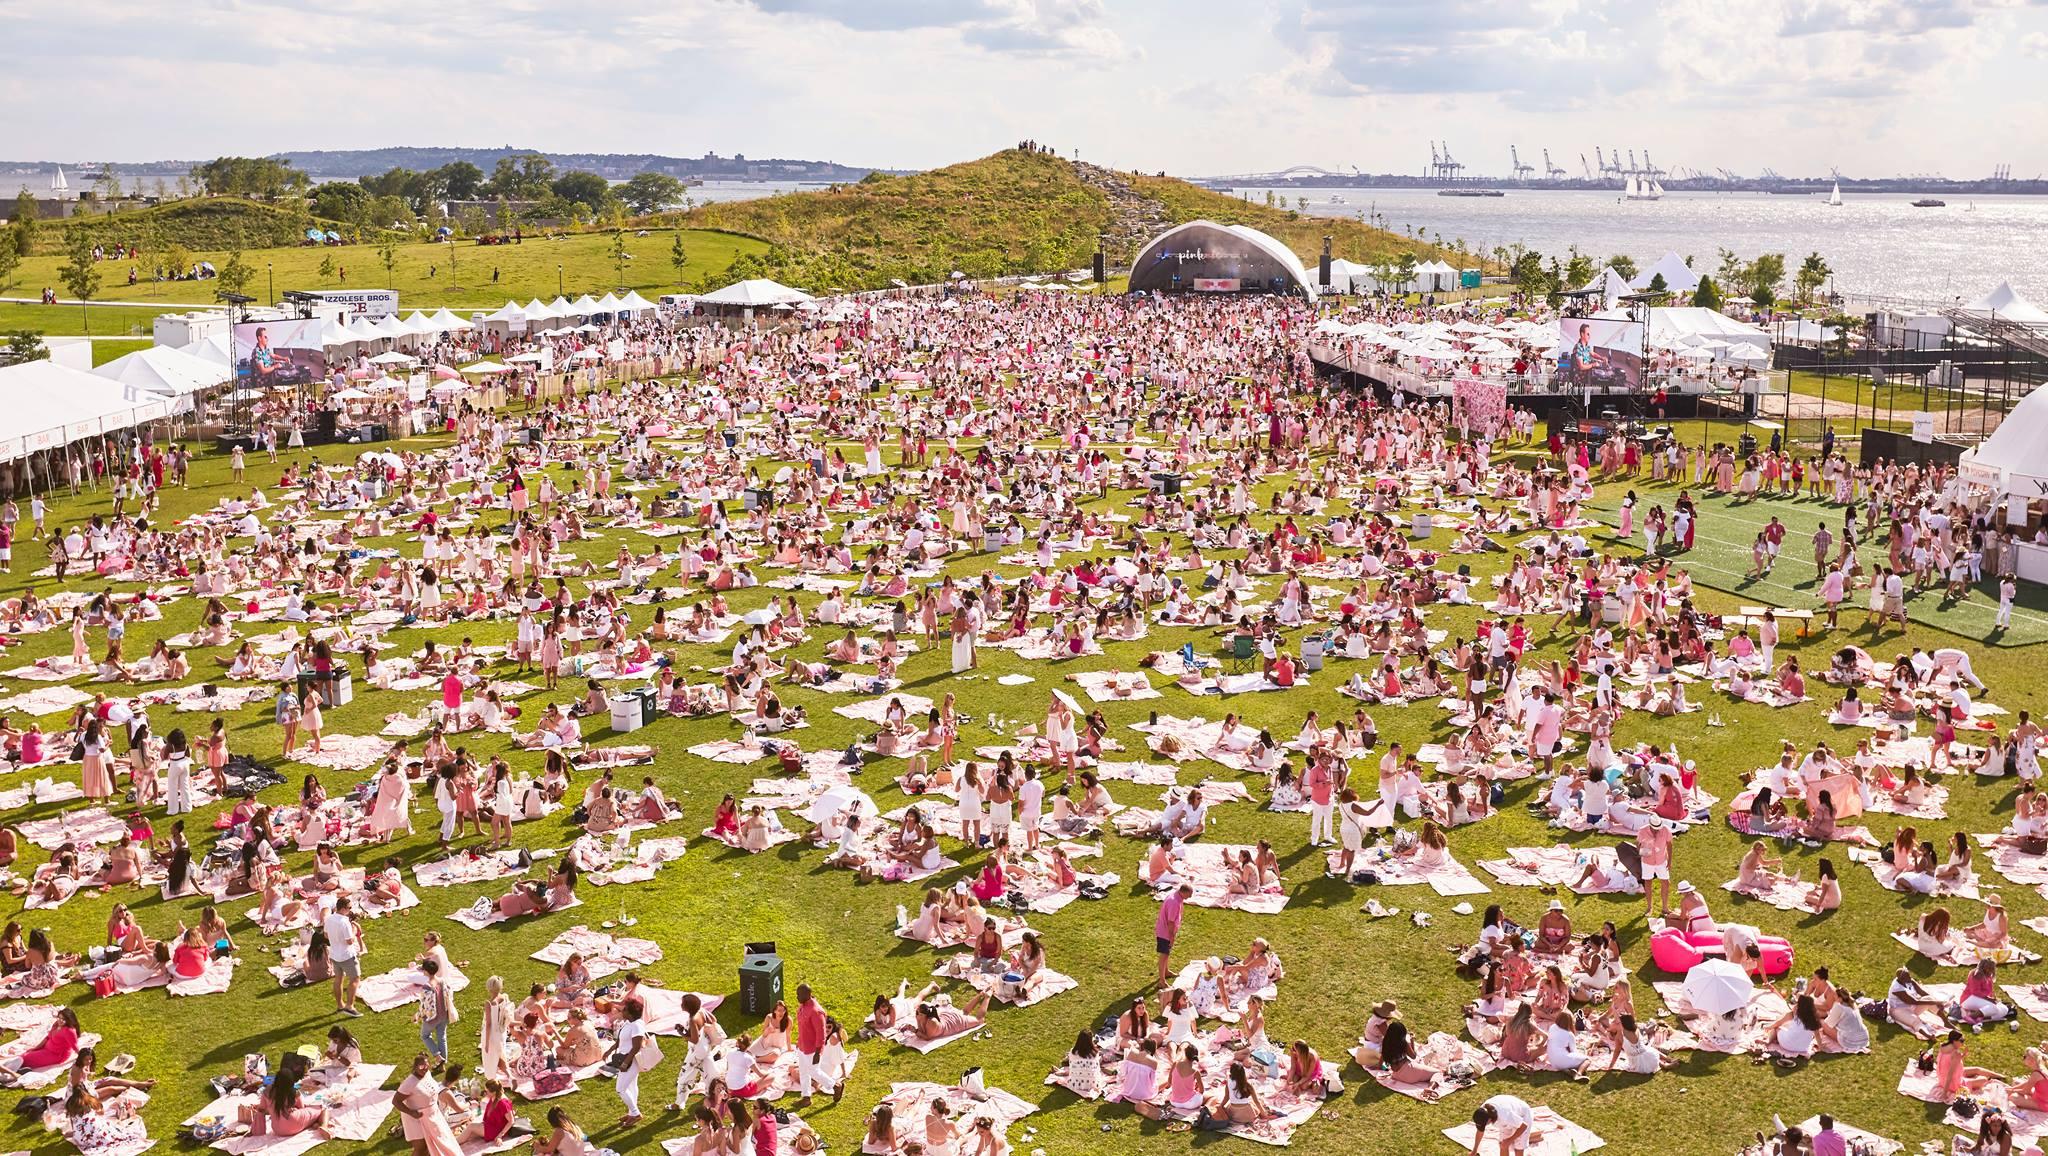 image: facebook.com/pinknicfestival